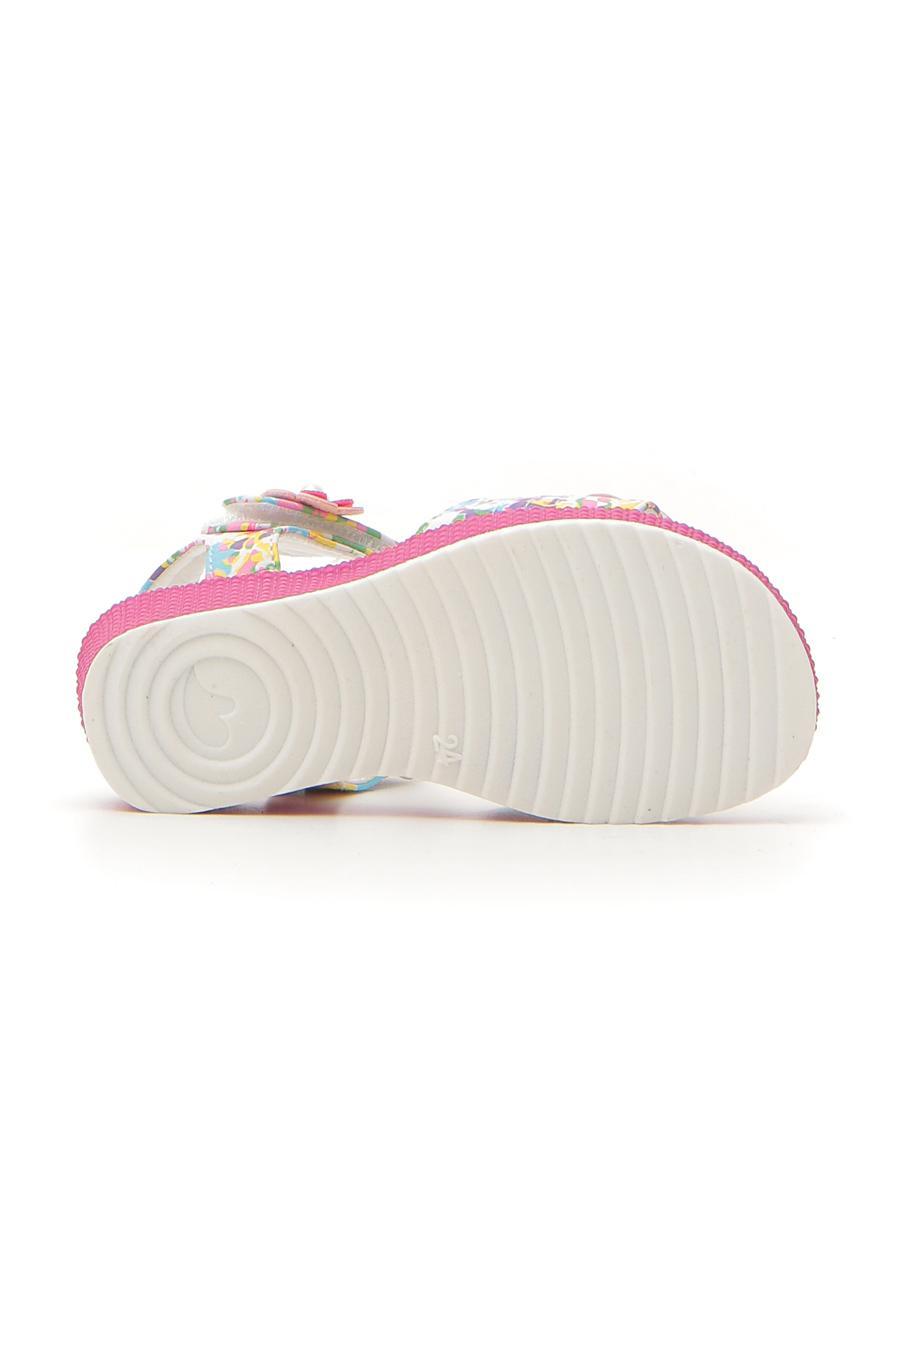 SANDALI bambina multicolore SNOOPY 0916114 | Pittarello